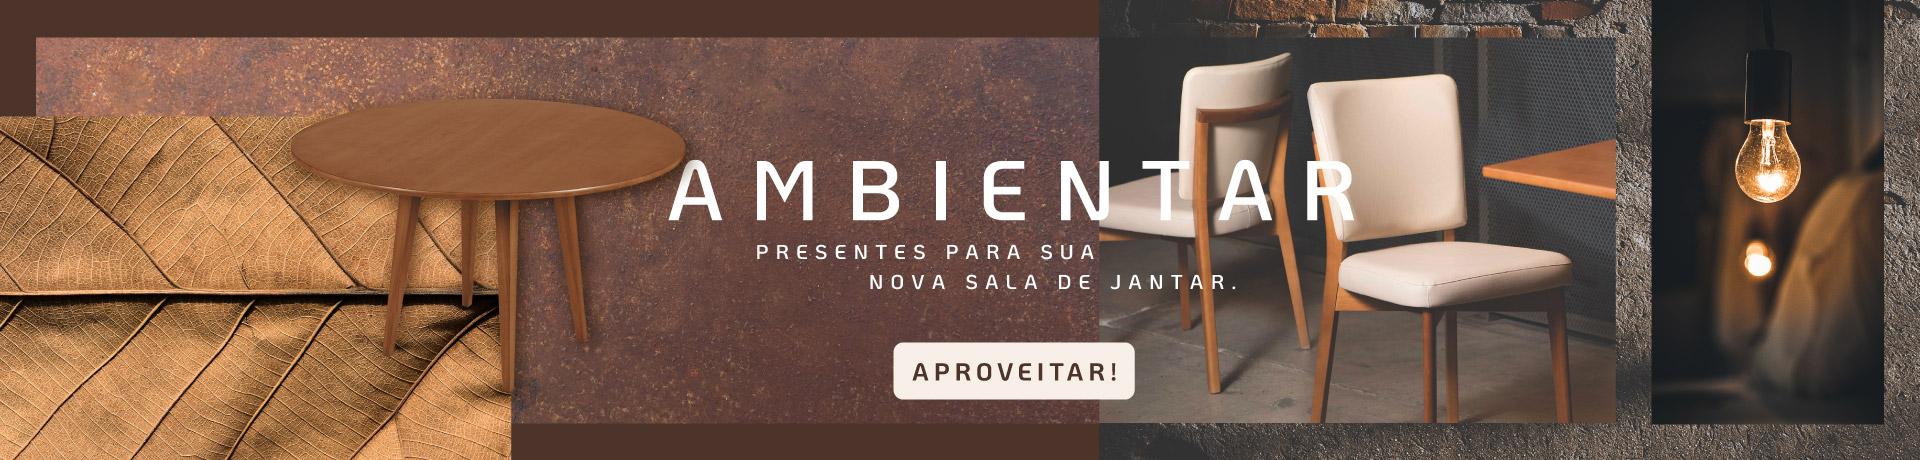 B4-Ambientar